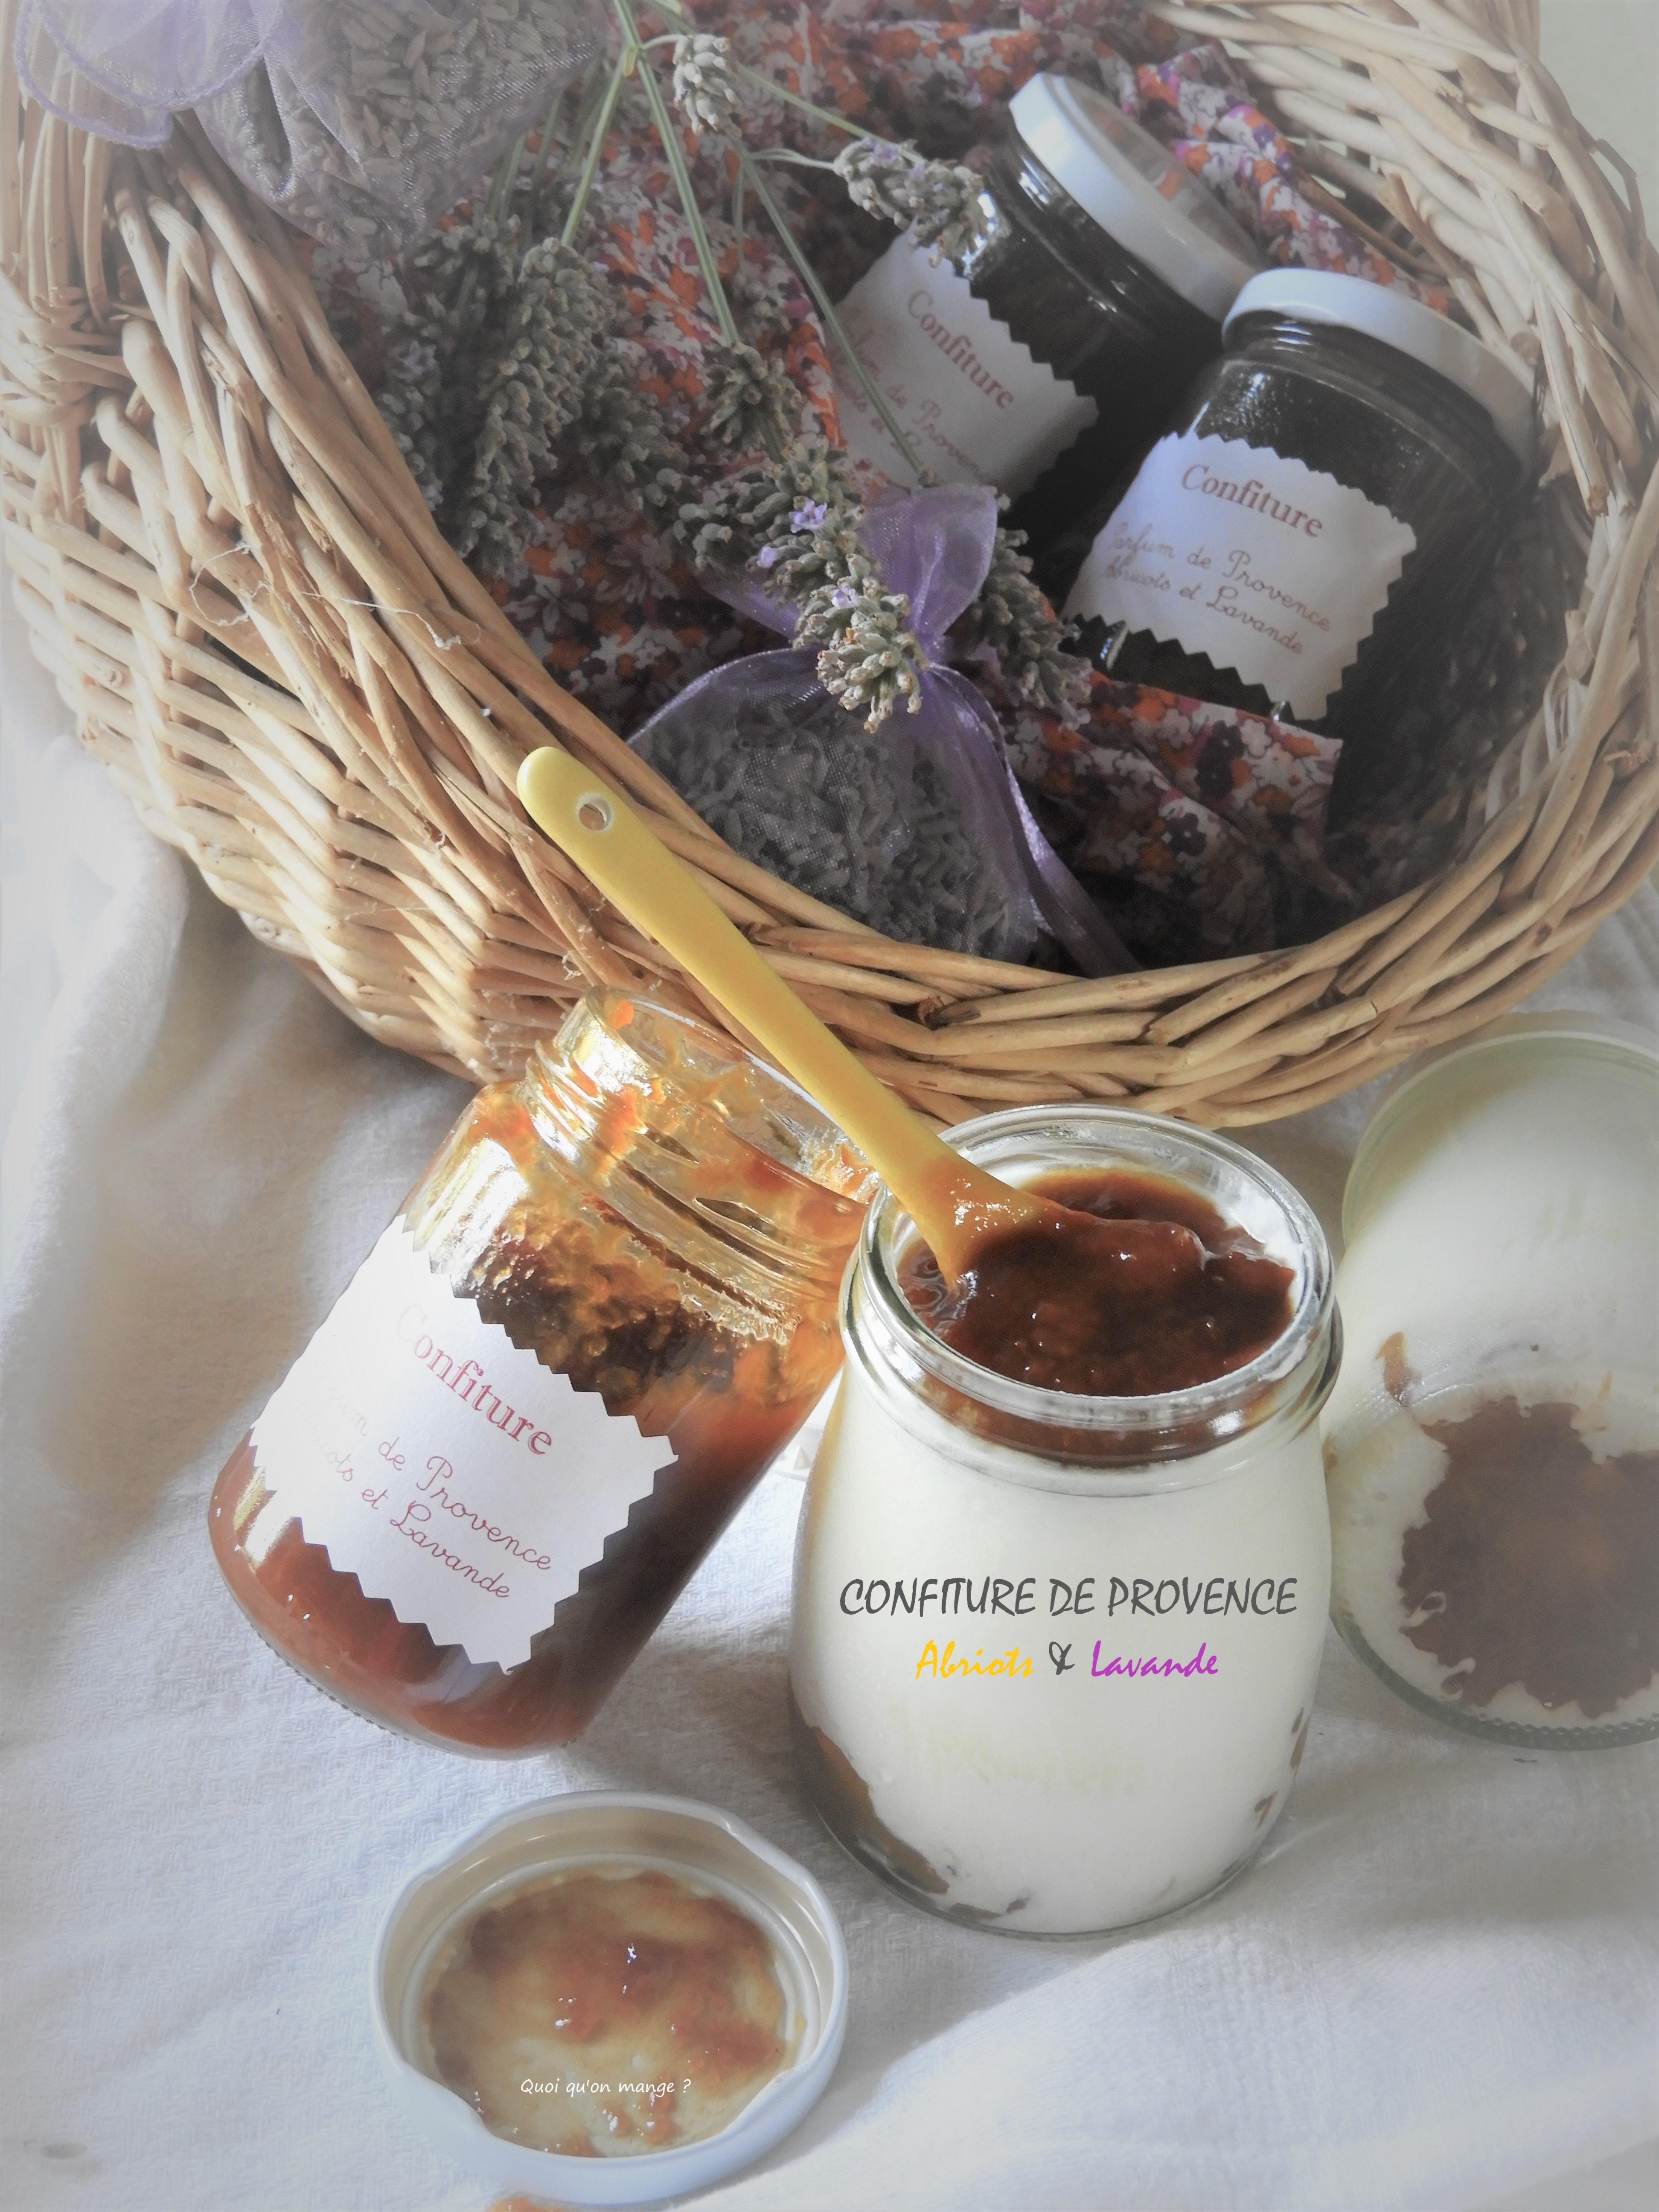 Confiture de Provence Abricots & Lavande